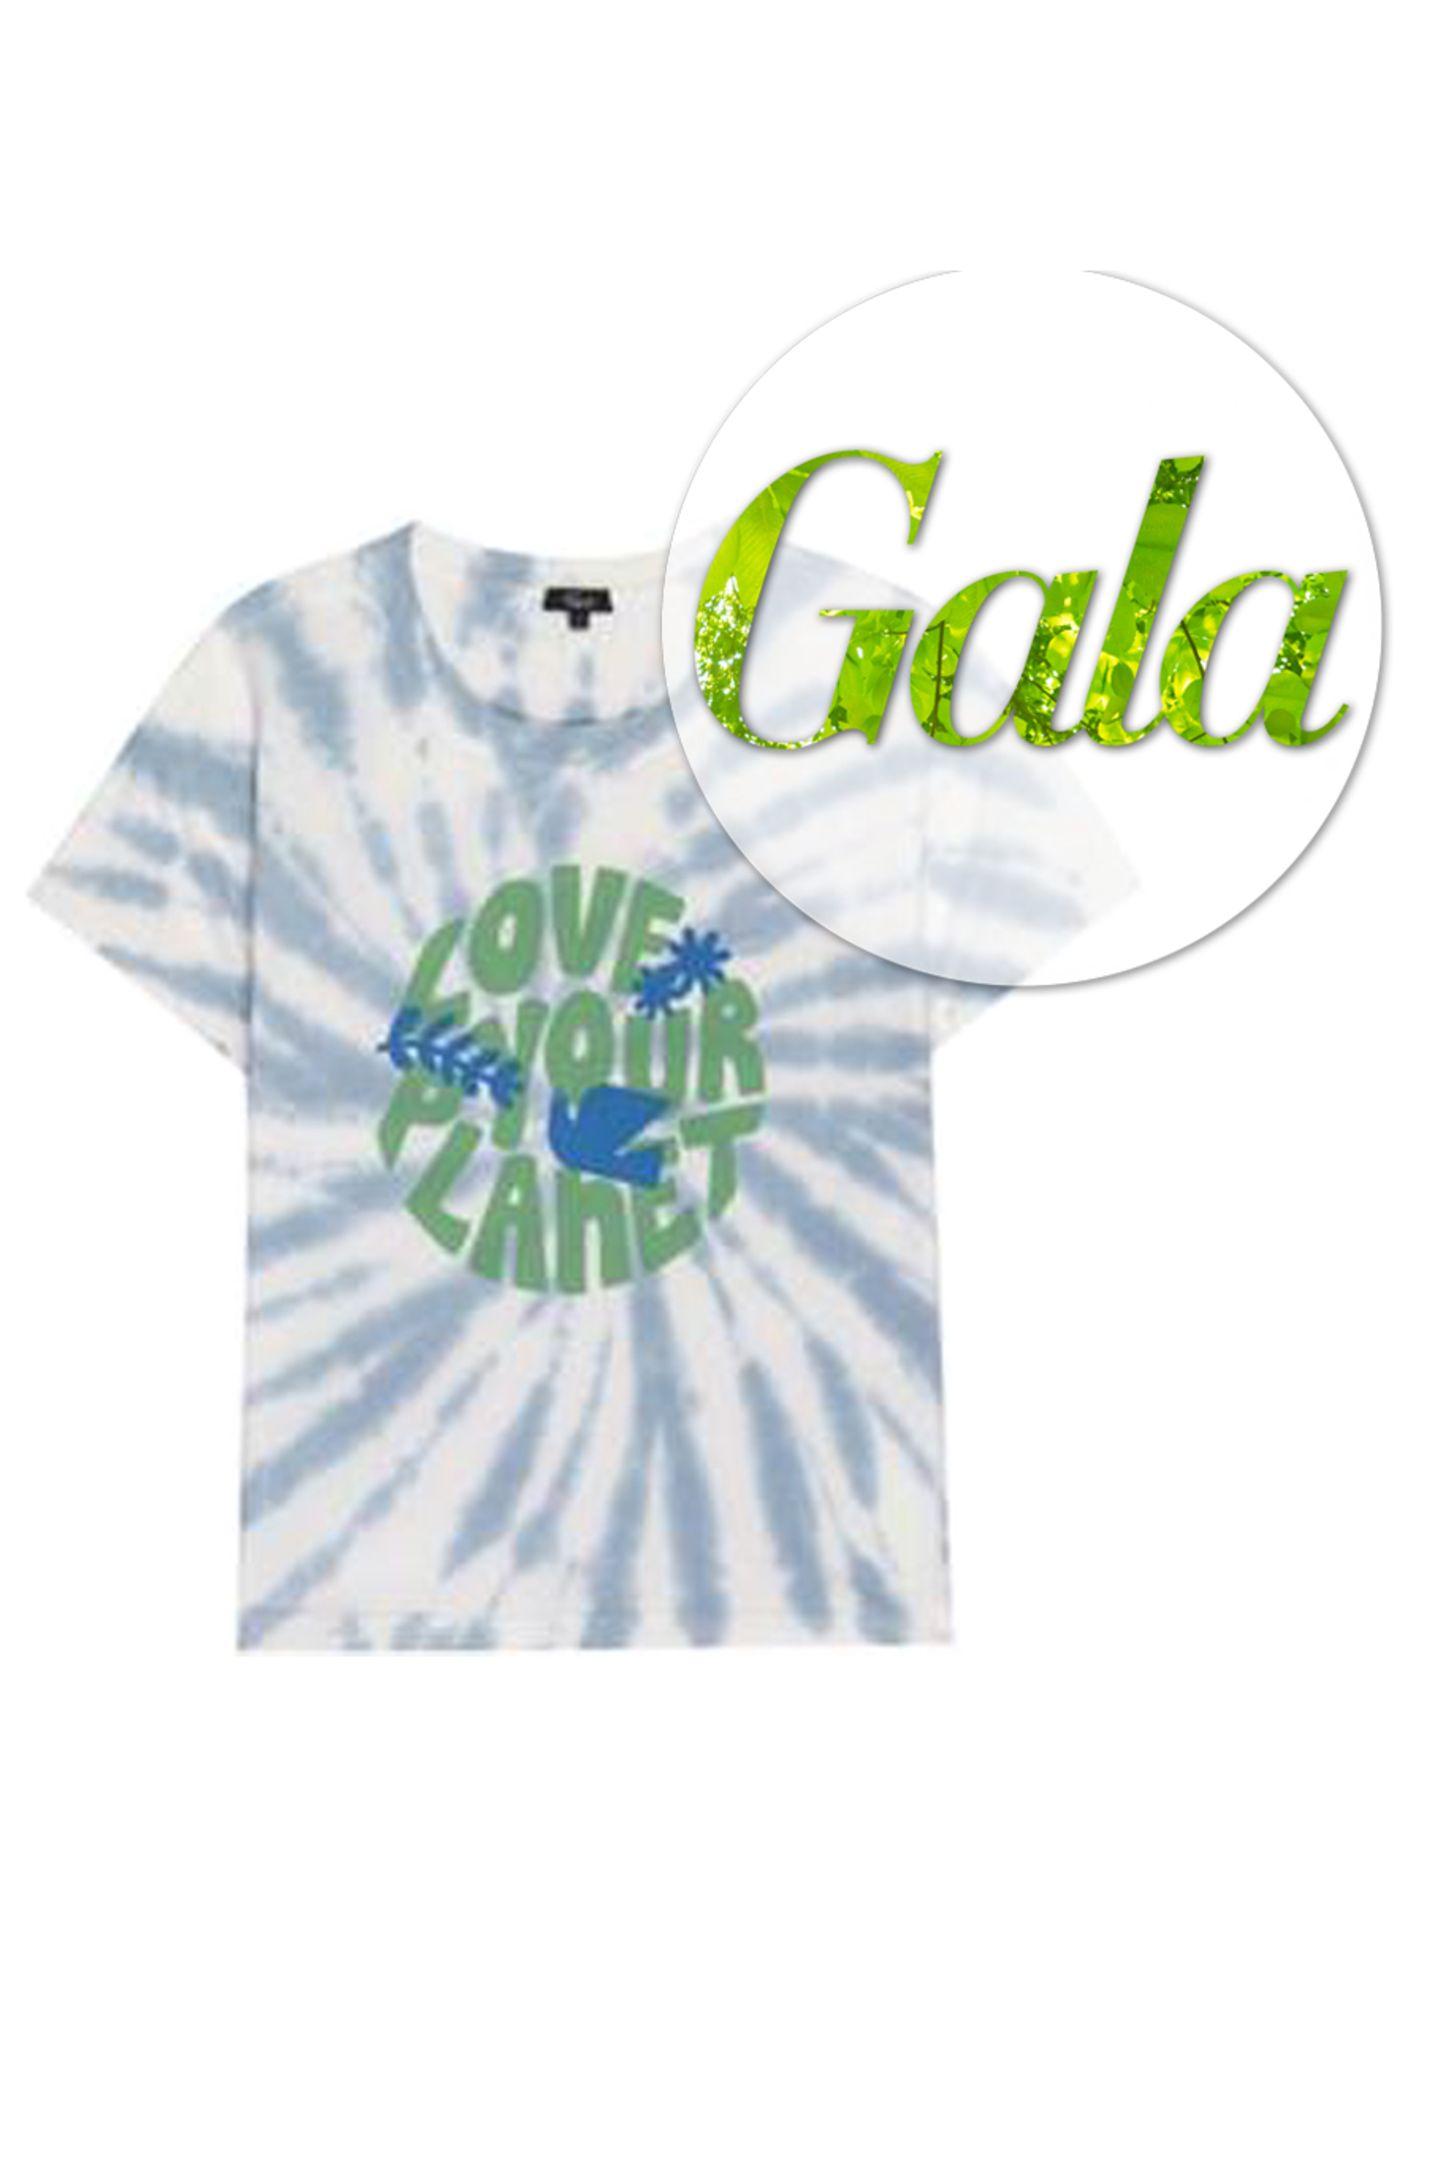 """Der Monat April steht ganz imZeichen unserer Erde. Anlässlich dessen hat sich das Modelabel Rails etwas besonderes überlegt.Das Rundhals T-Shirt im Tie Dye-Look ziert ein plakativer """"Love your Planet""""-Print und besteht zu 100 Prozentaus recycelter Baumwolle. Und das Beste: Rails spendet für jedes verkaufte T-Shirt 25 Prozentdes Umsatzes an die gemeinnützige Organisation """"Surfrider Foundation"""", die sichweltweit für den Schutz von sauberen Ozeanen und Stränden einsetzt. Von Rails, kostet 88 Euro."""